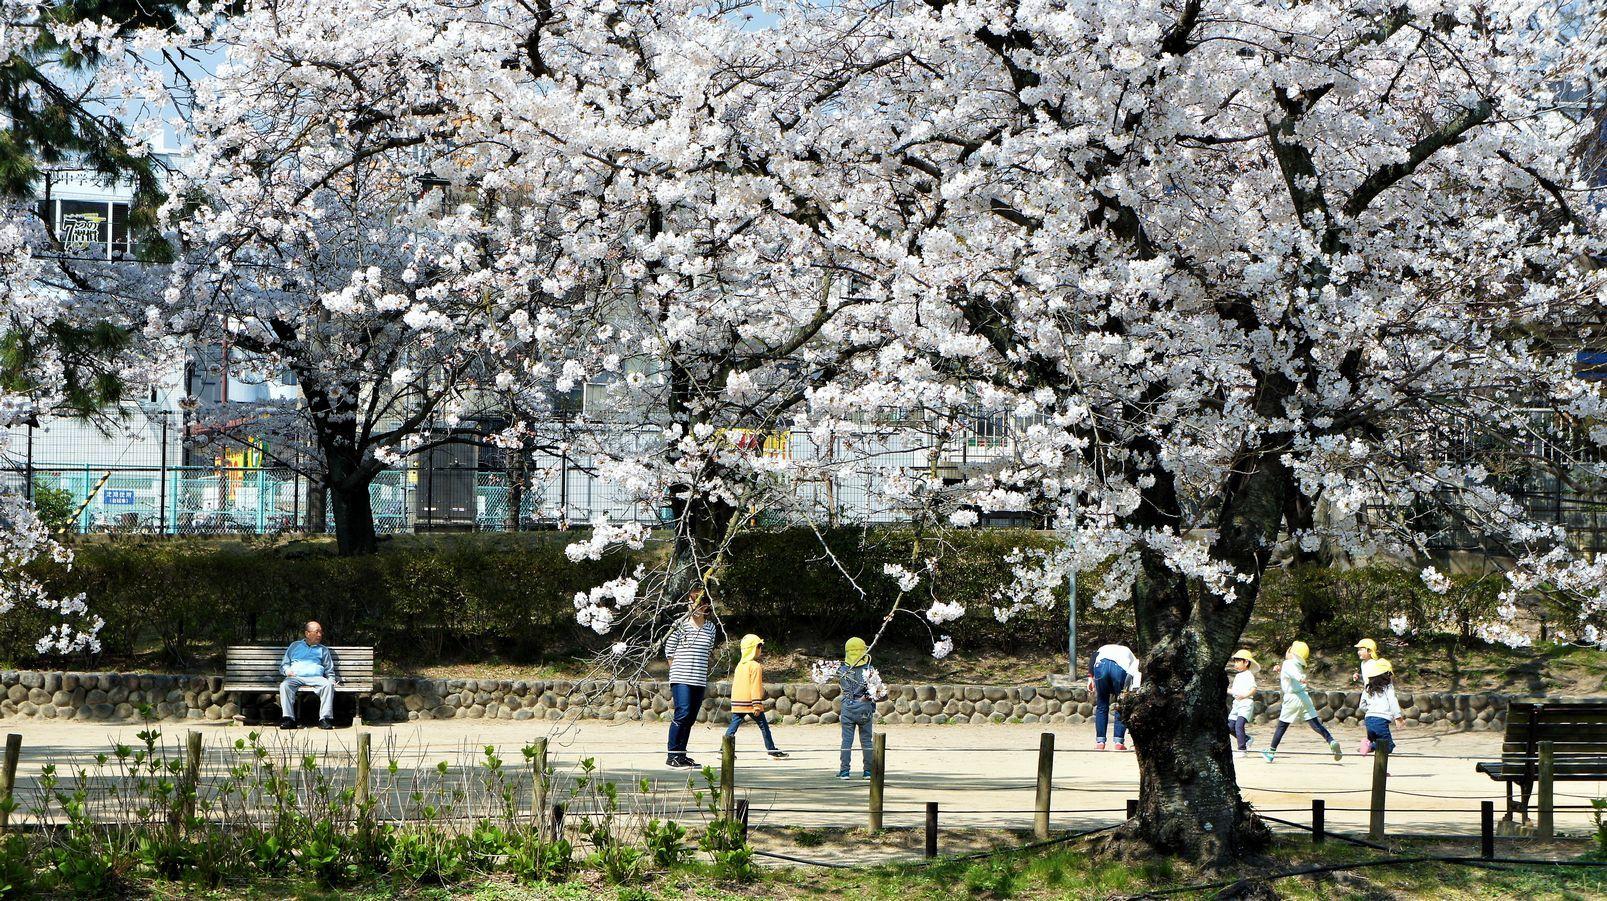 ④満開の桜の下で遊ぶ幼児